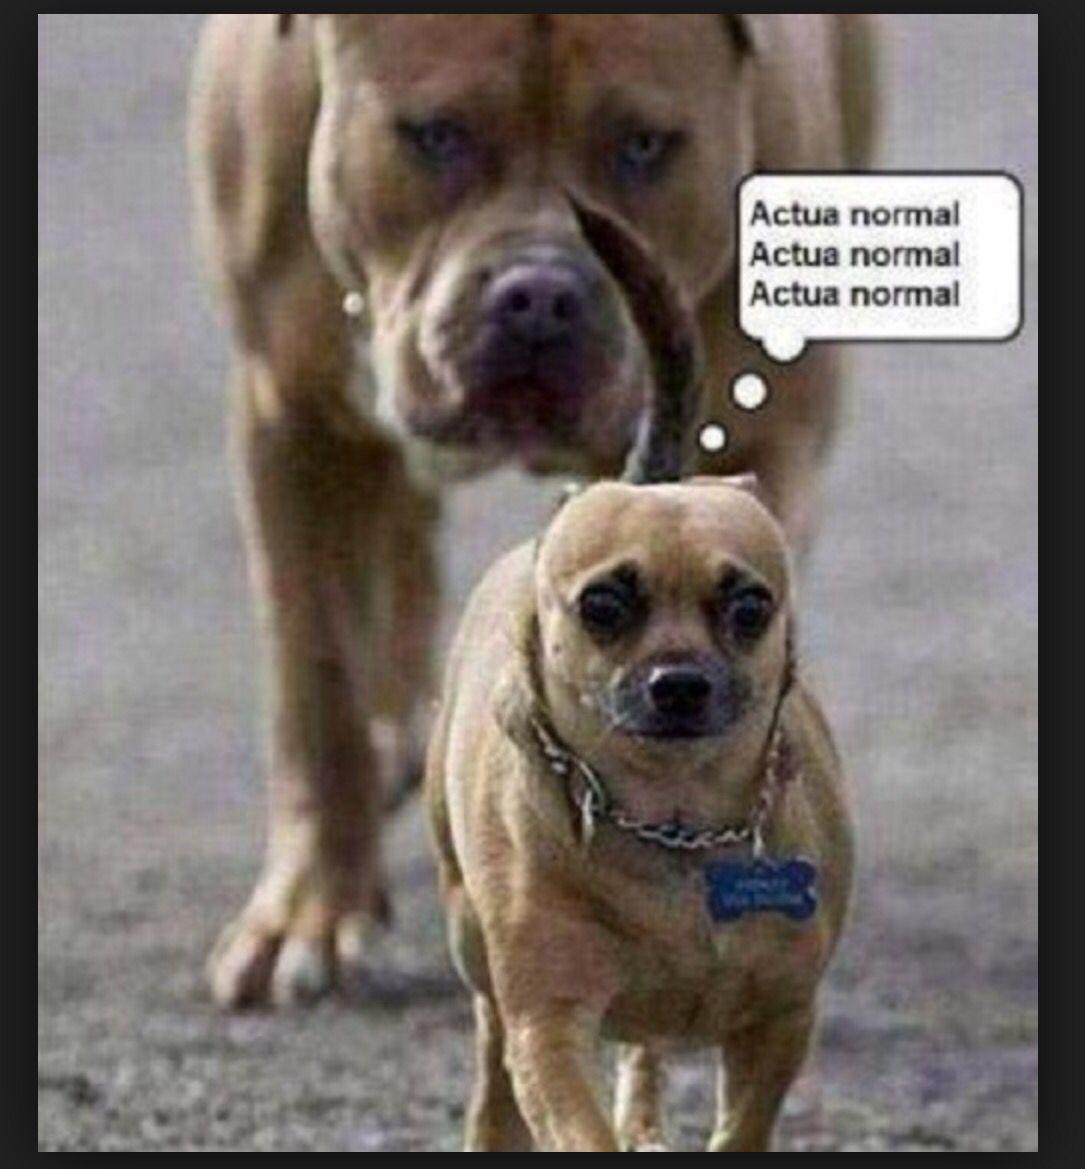 20 Divertidos Memes De Perros Que Te Haran Llorar De Risa Memes Perros Imagenes Divertidas De Animales Humor De Perros